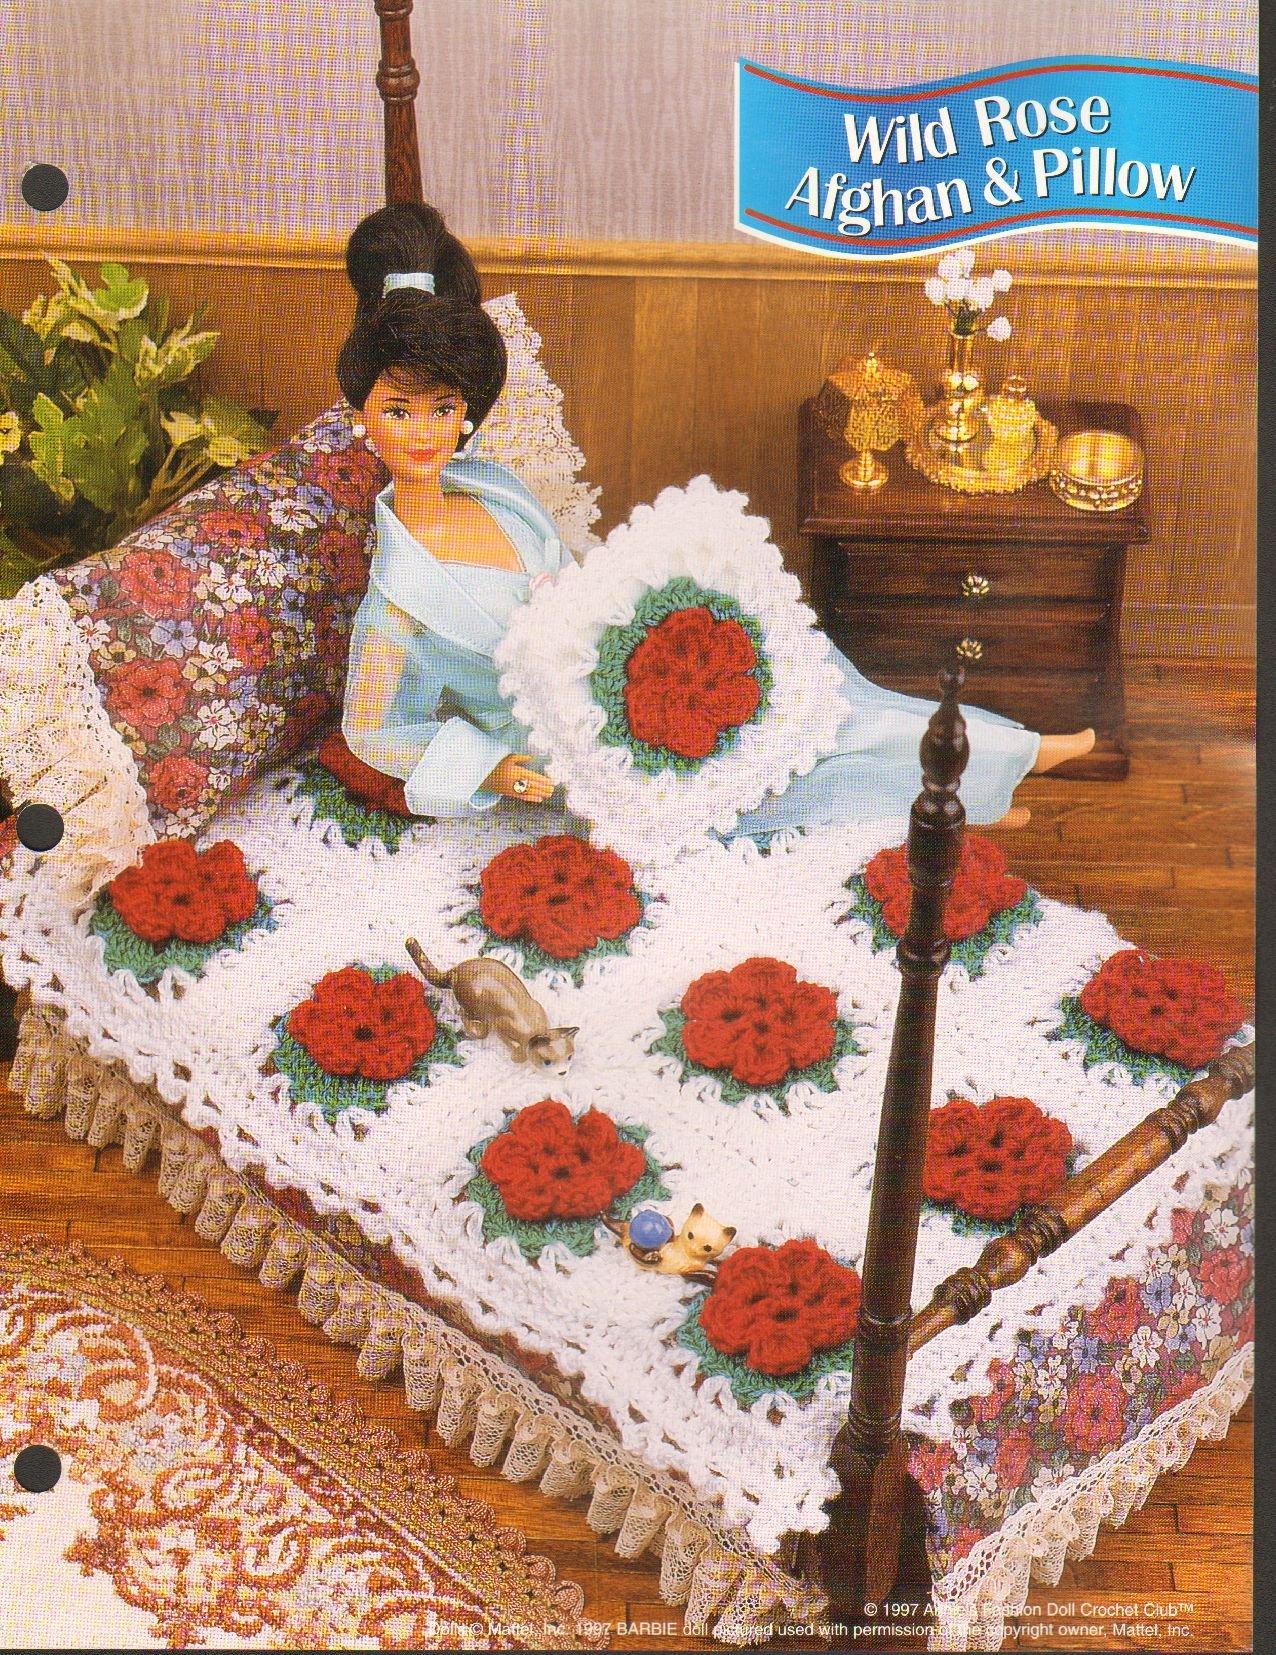 1997 Annies Attic Fashion Doll Crochet Club Pattern Leaflet Wild